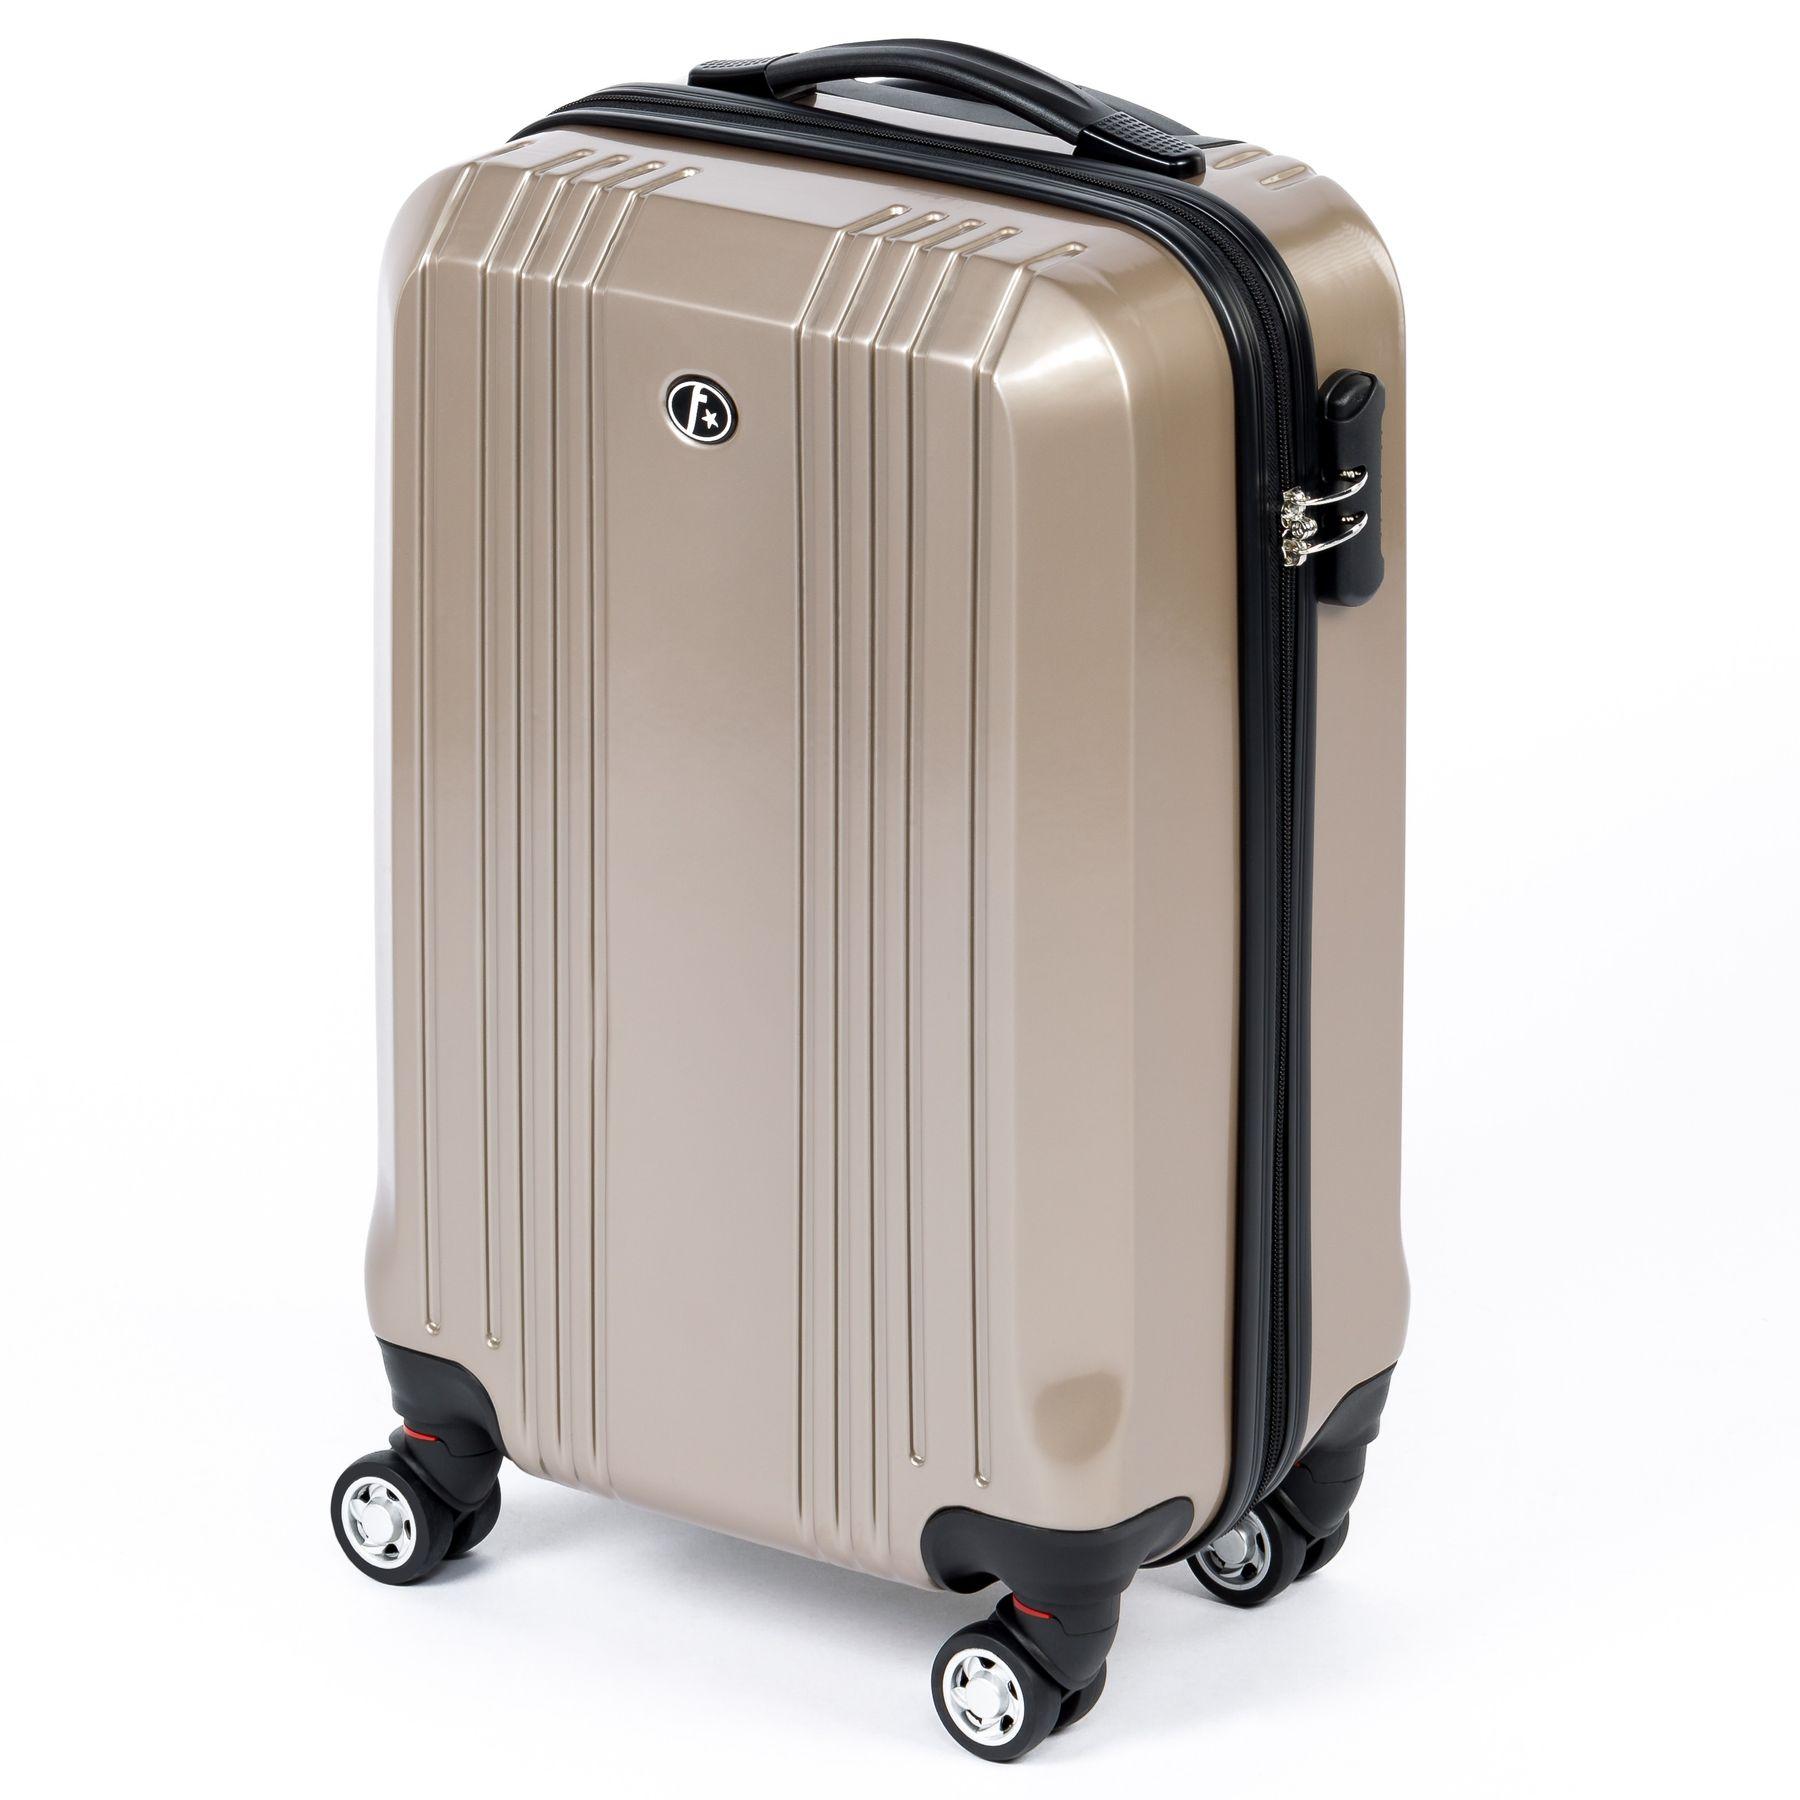 ferg 2er kofferset hartschale reise koffer trolley set 2. Black Bedroom Furniture Sets. Home Design Ideas